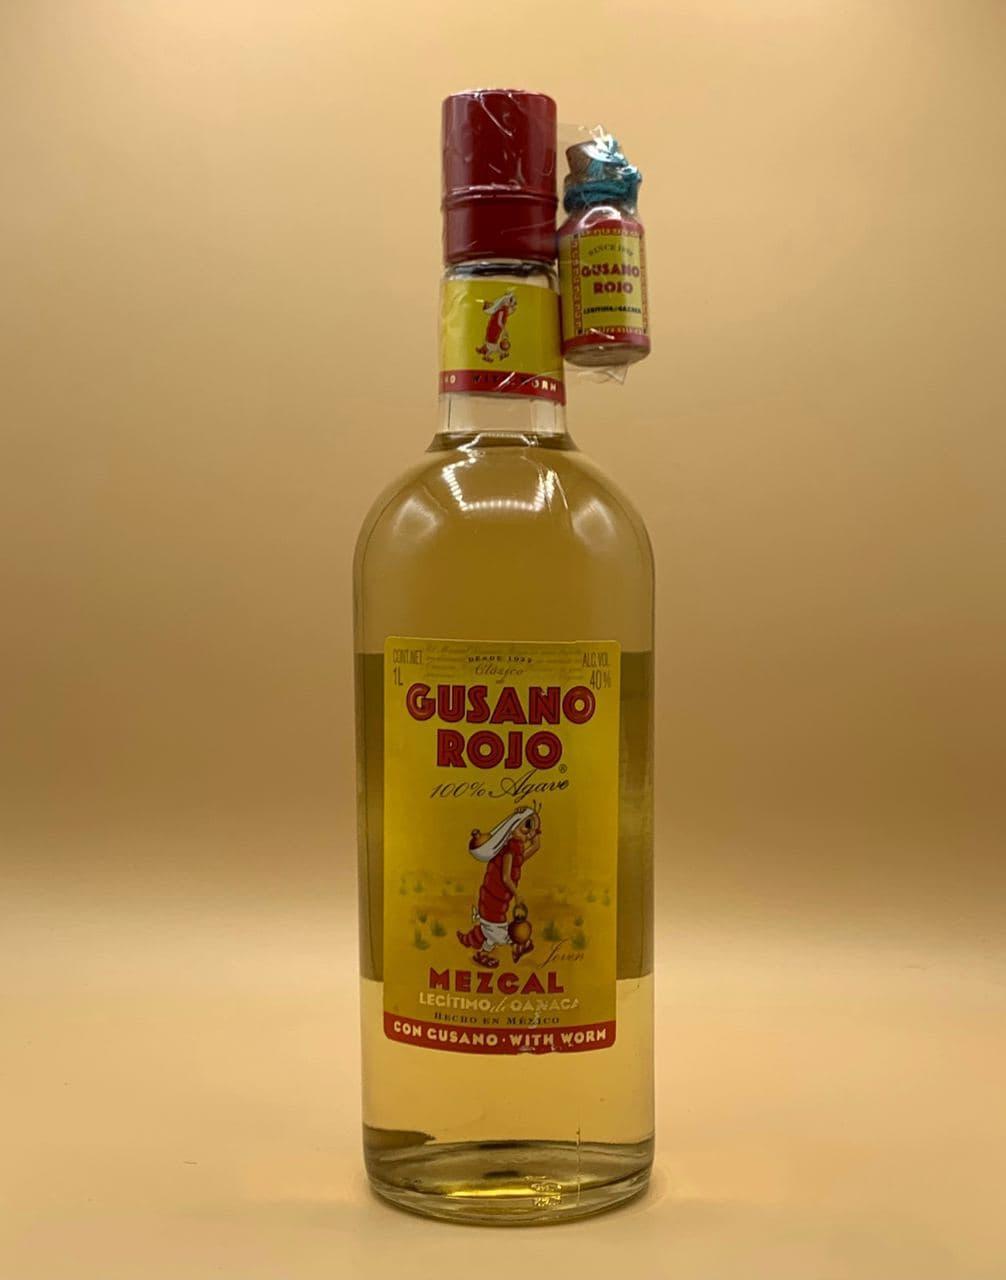 Мескаль Gusano Rojo 1L Гусано Рохо 1л